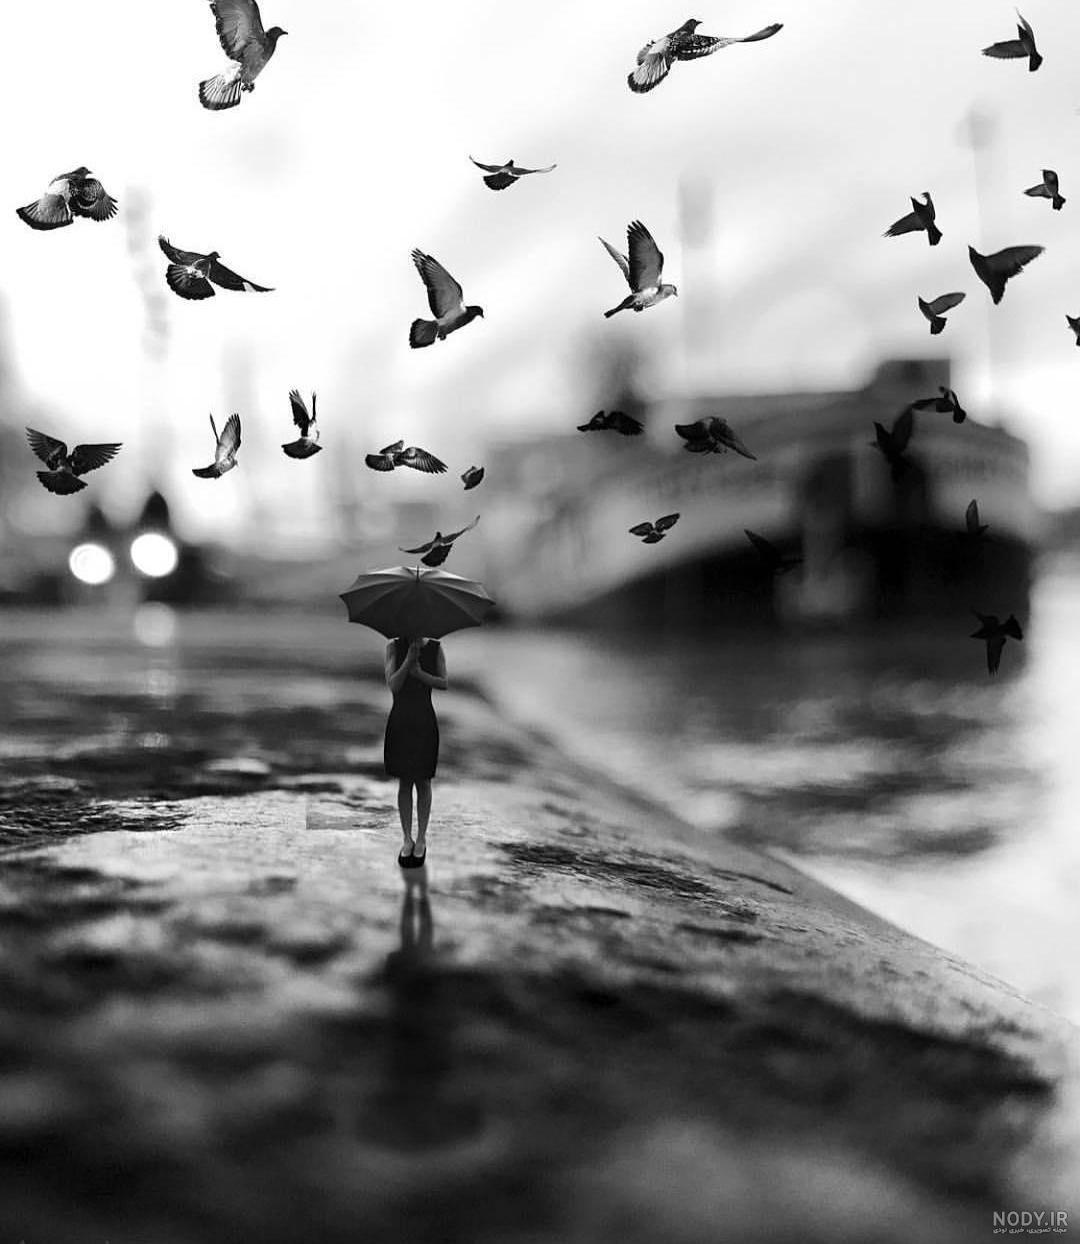 عکس خاص و زیبا سیاه و سفید